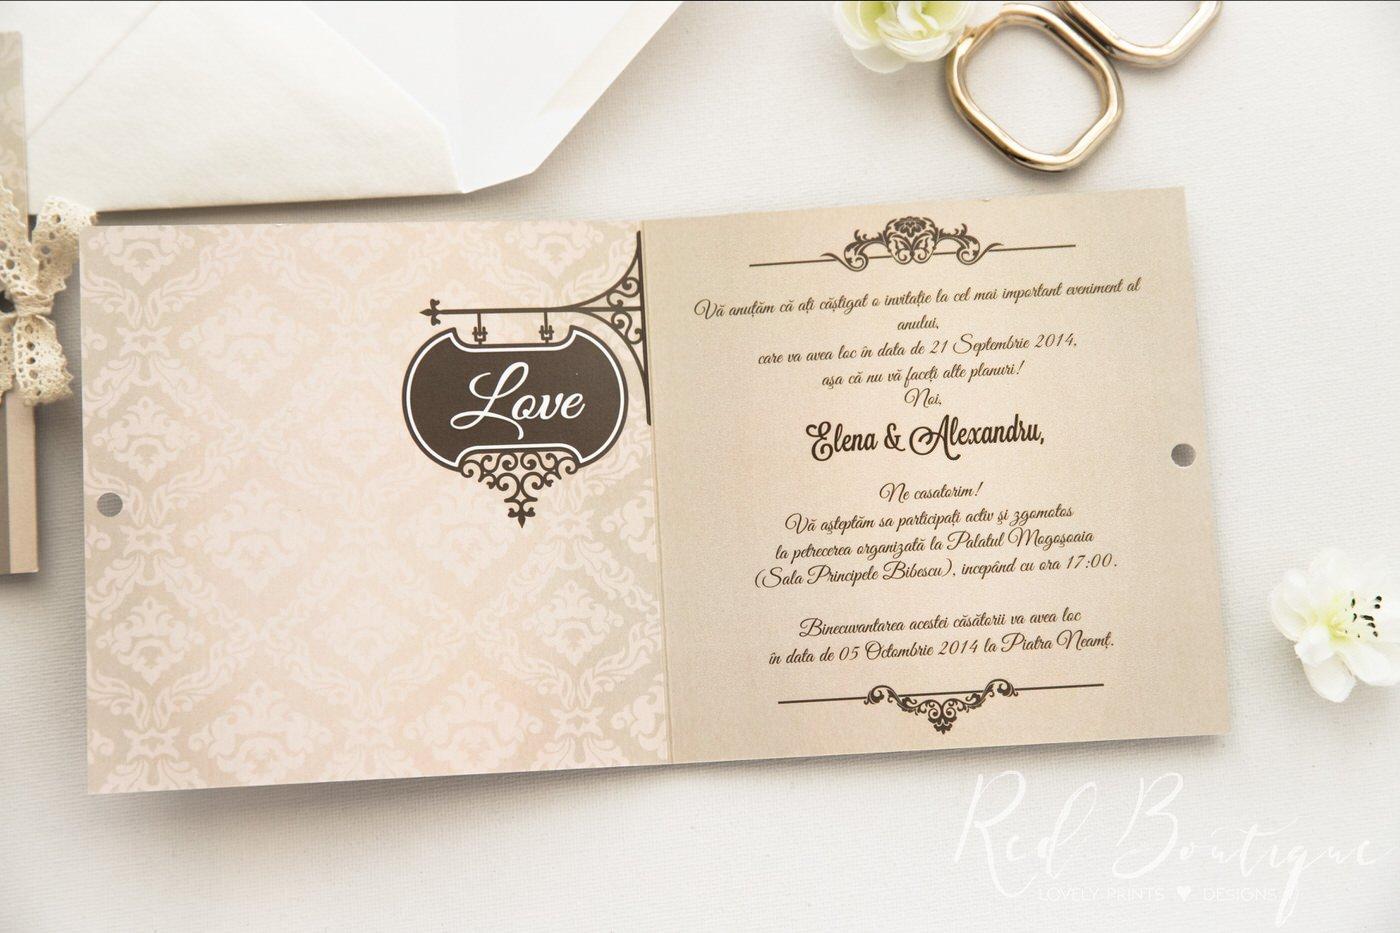 invitatie eleganta crem si bej cu dungi si scris elegant in rama